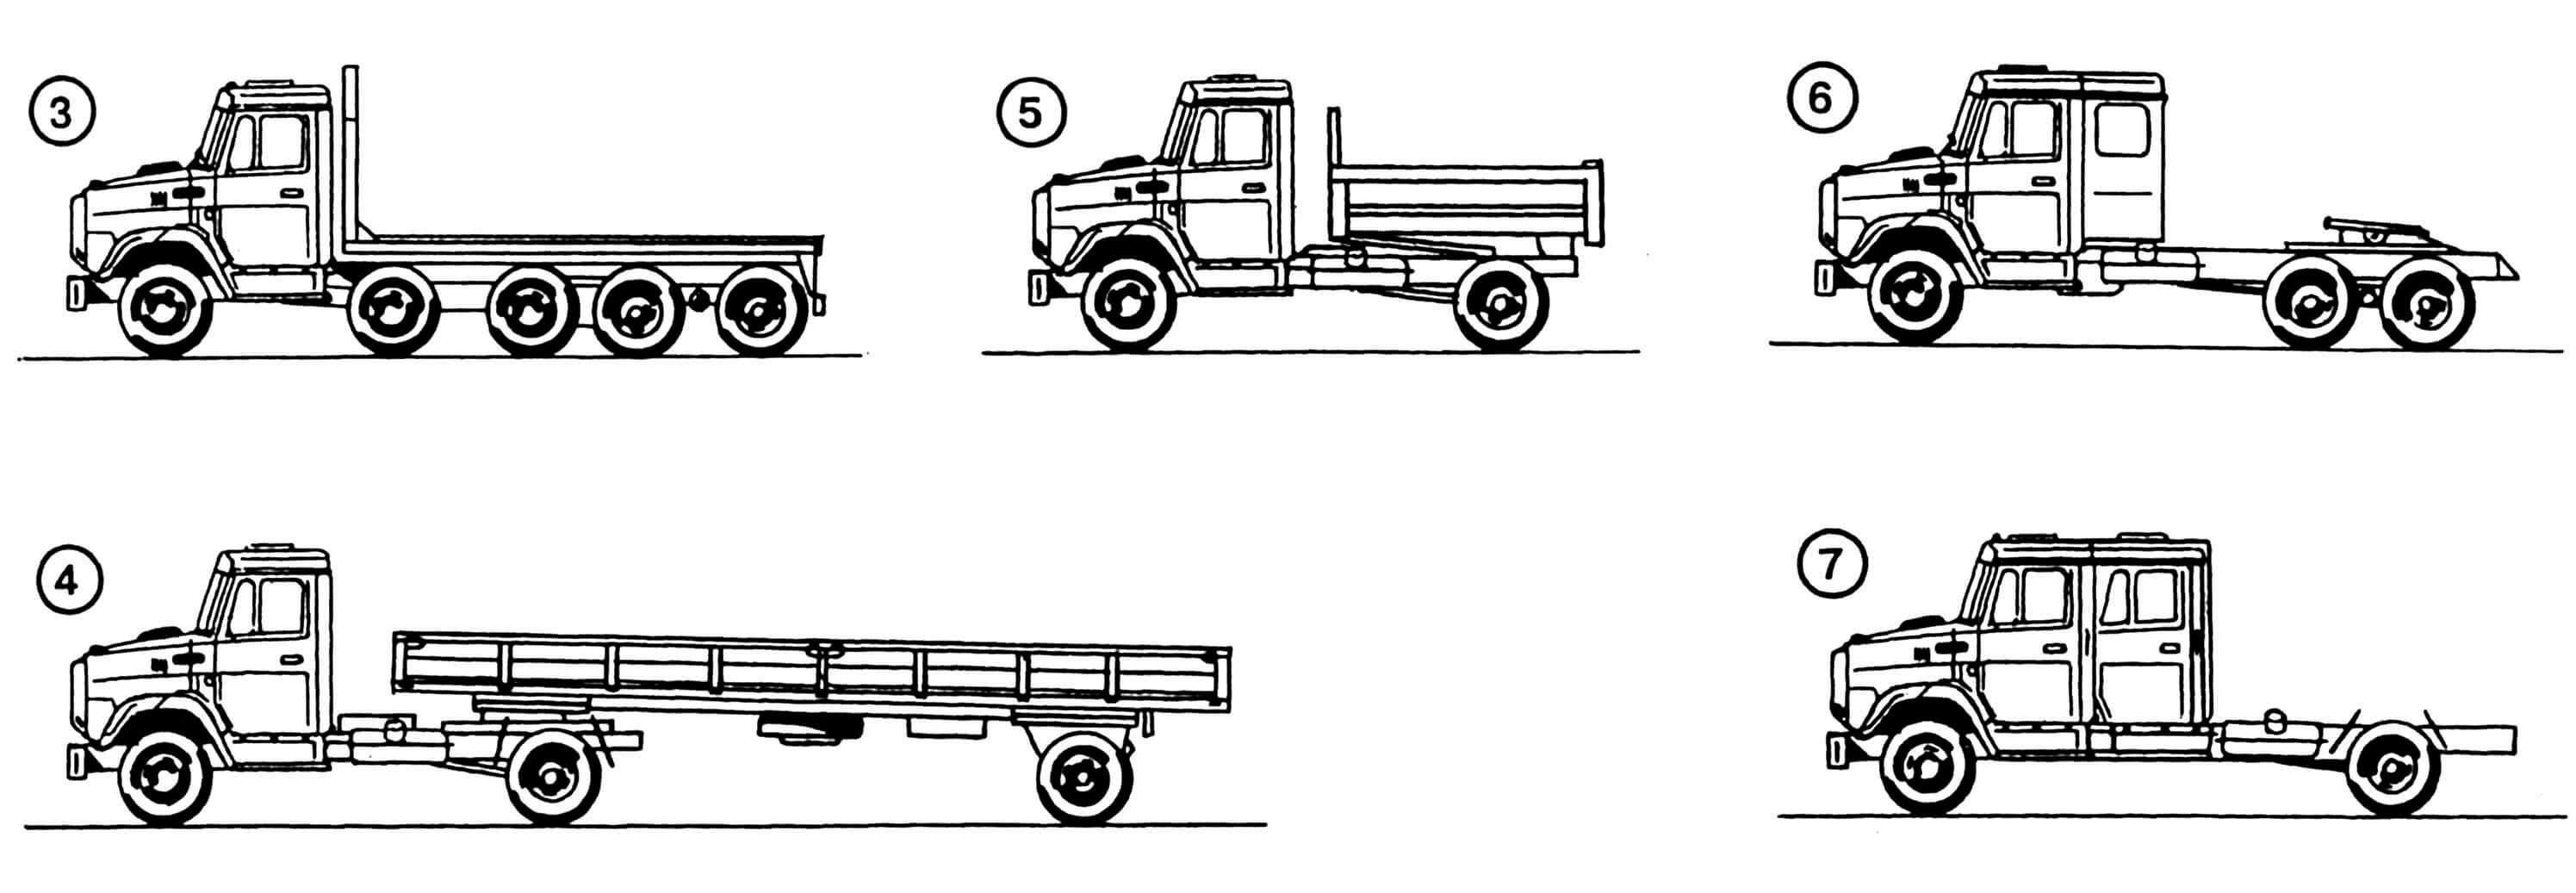 Модификации автомобиля ЗИЛ-4331: 1 — самосвал сельскохозяйственного назначения, 2 — самосвал трехосный, 3 — грузовик специального назначения пятиосный, 4 — тягач с полуприцепом седельный, 5 — самосвал с короткой рамой, 6 — тягач со спальным модулем седельный, 7 — грузовик со сдвоенной кабиной.